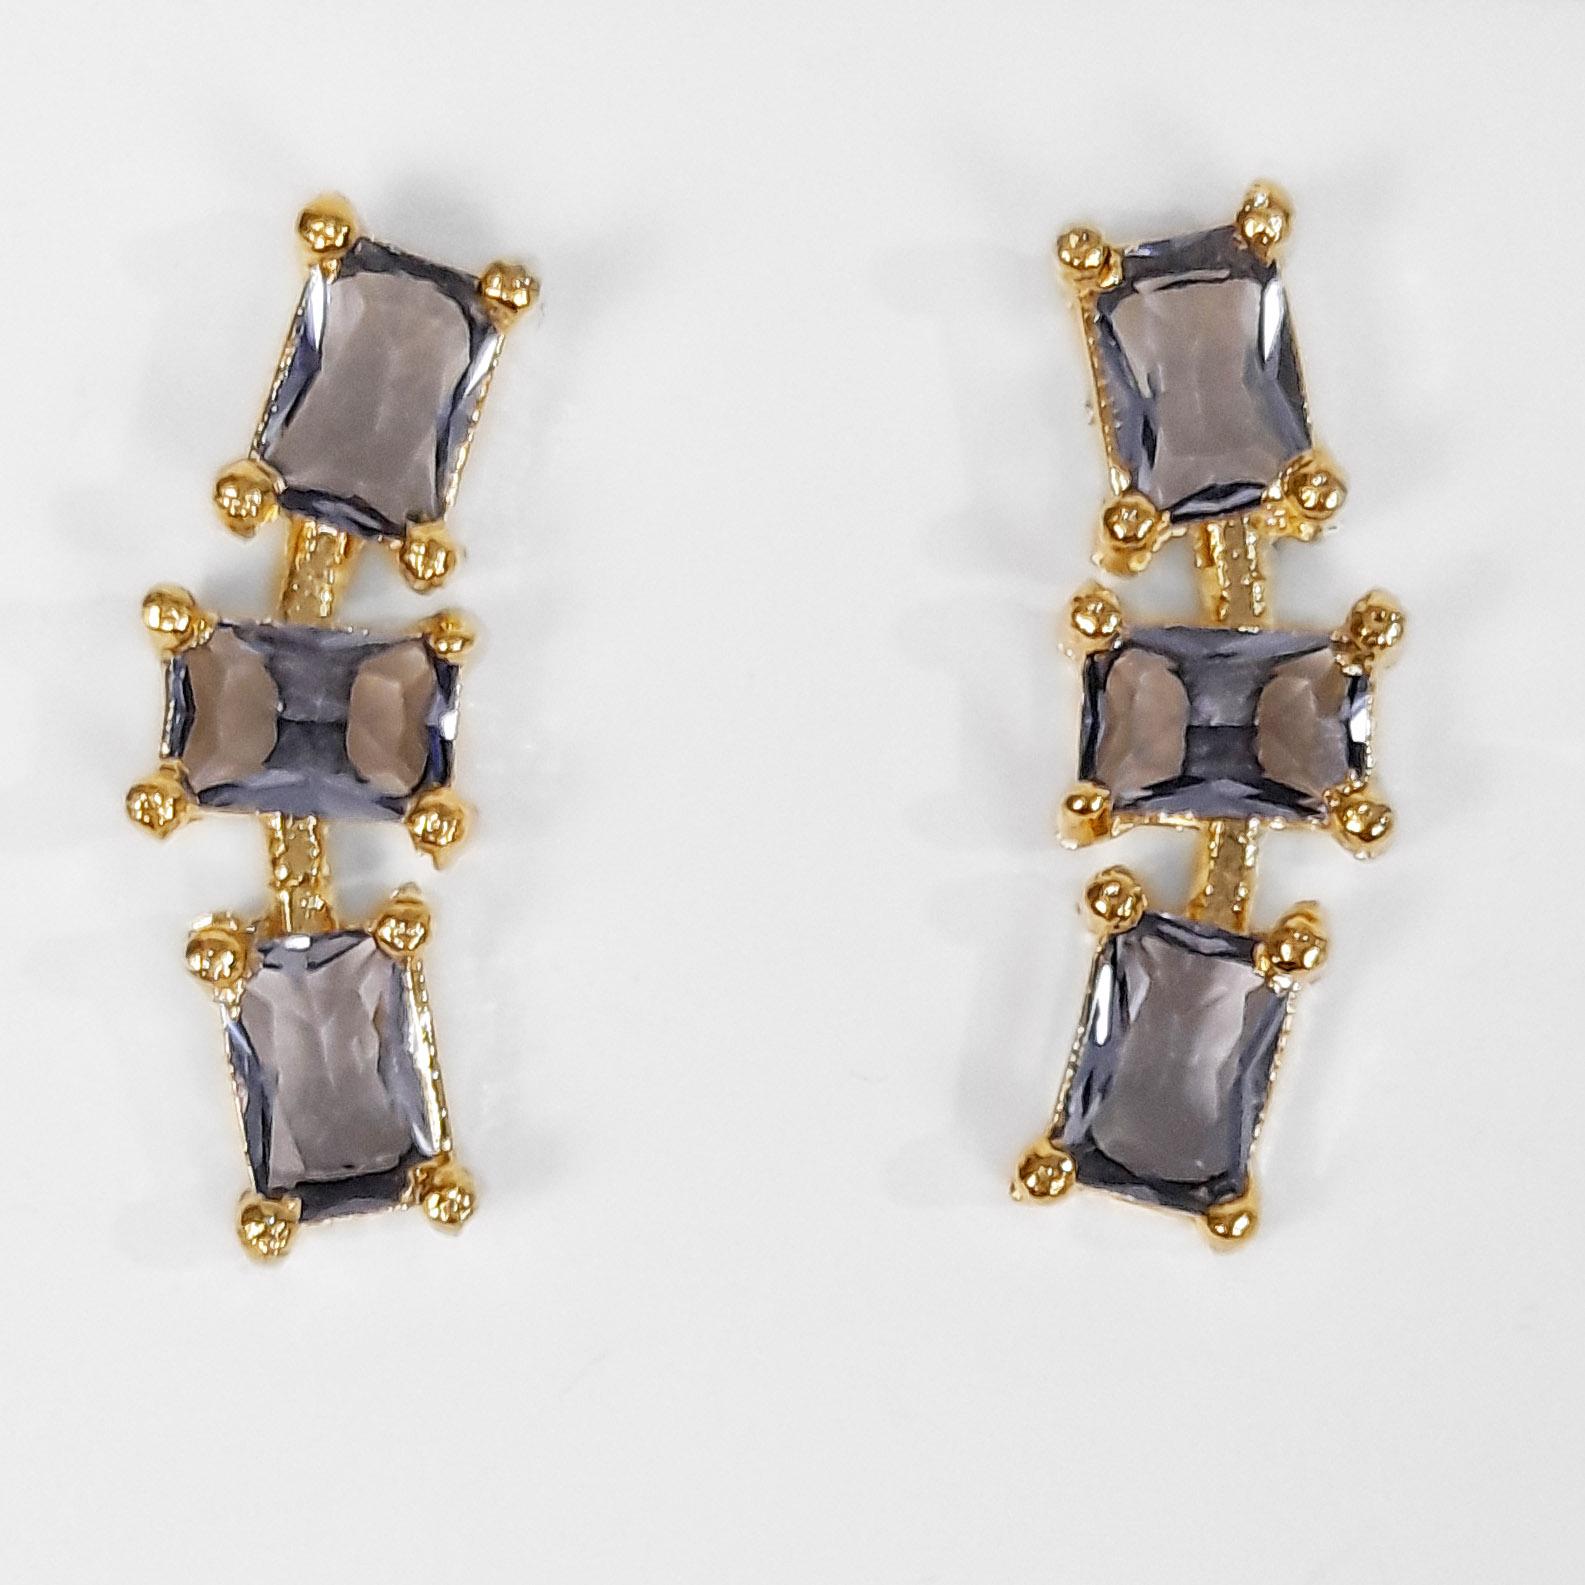 Brinco Ear Cuff com Zircônias Retangulares Folheado a Ouro 18k  - Lunozê Joias